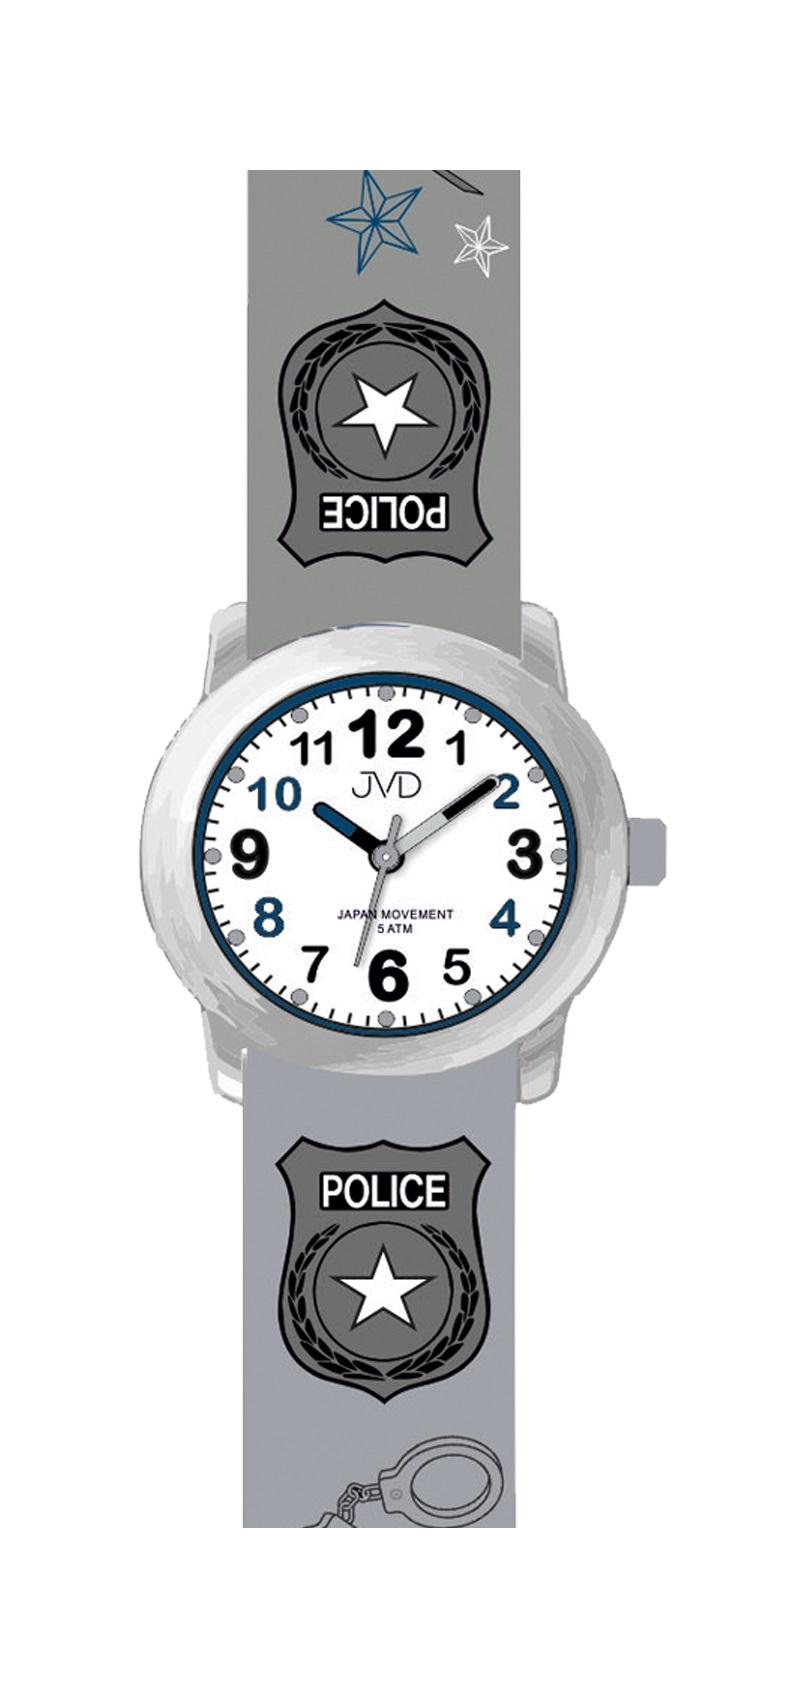 f3848bc6fe7 Dětské náramkové chlapecké hodinky JVD J7173.2 pro malého policistu